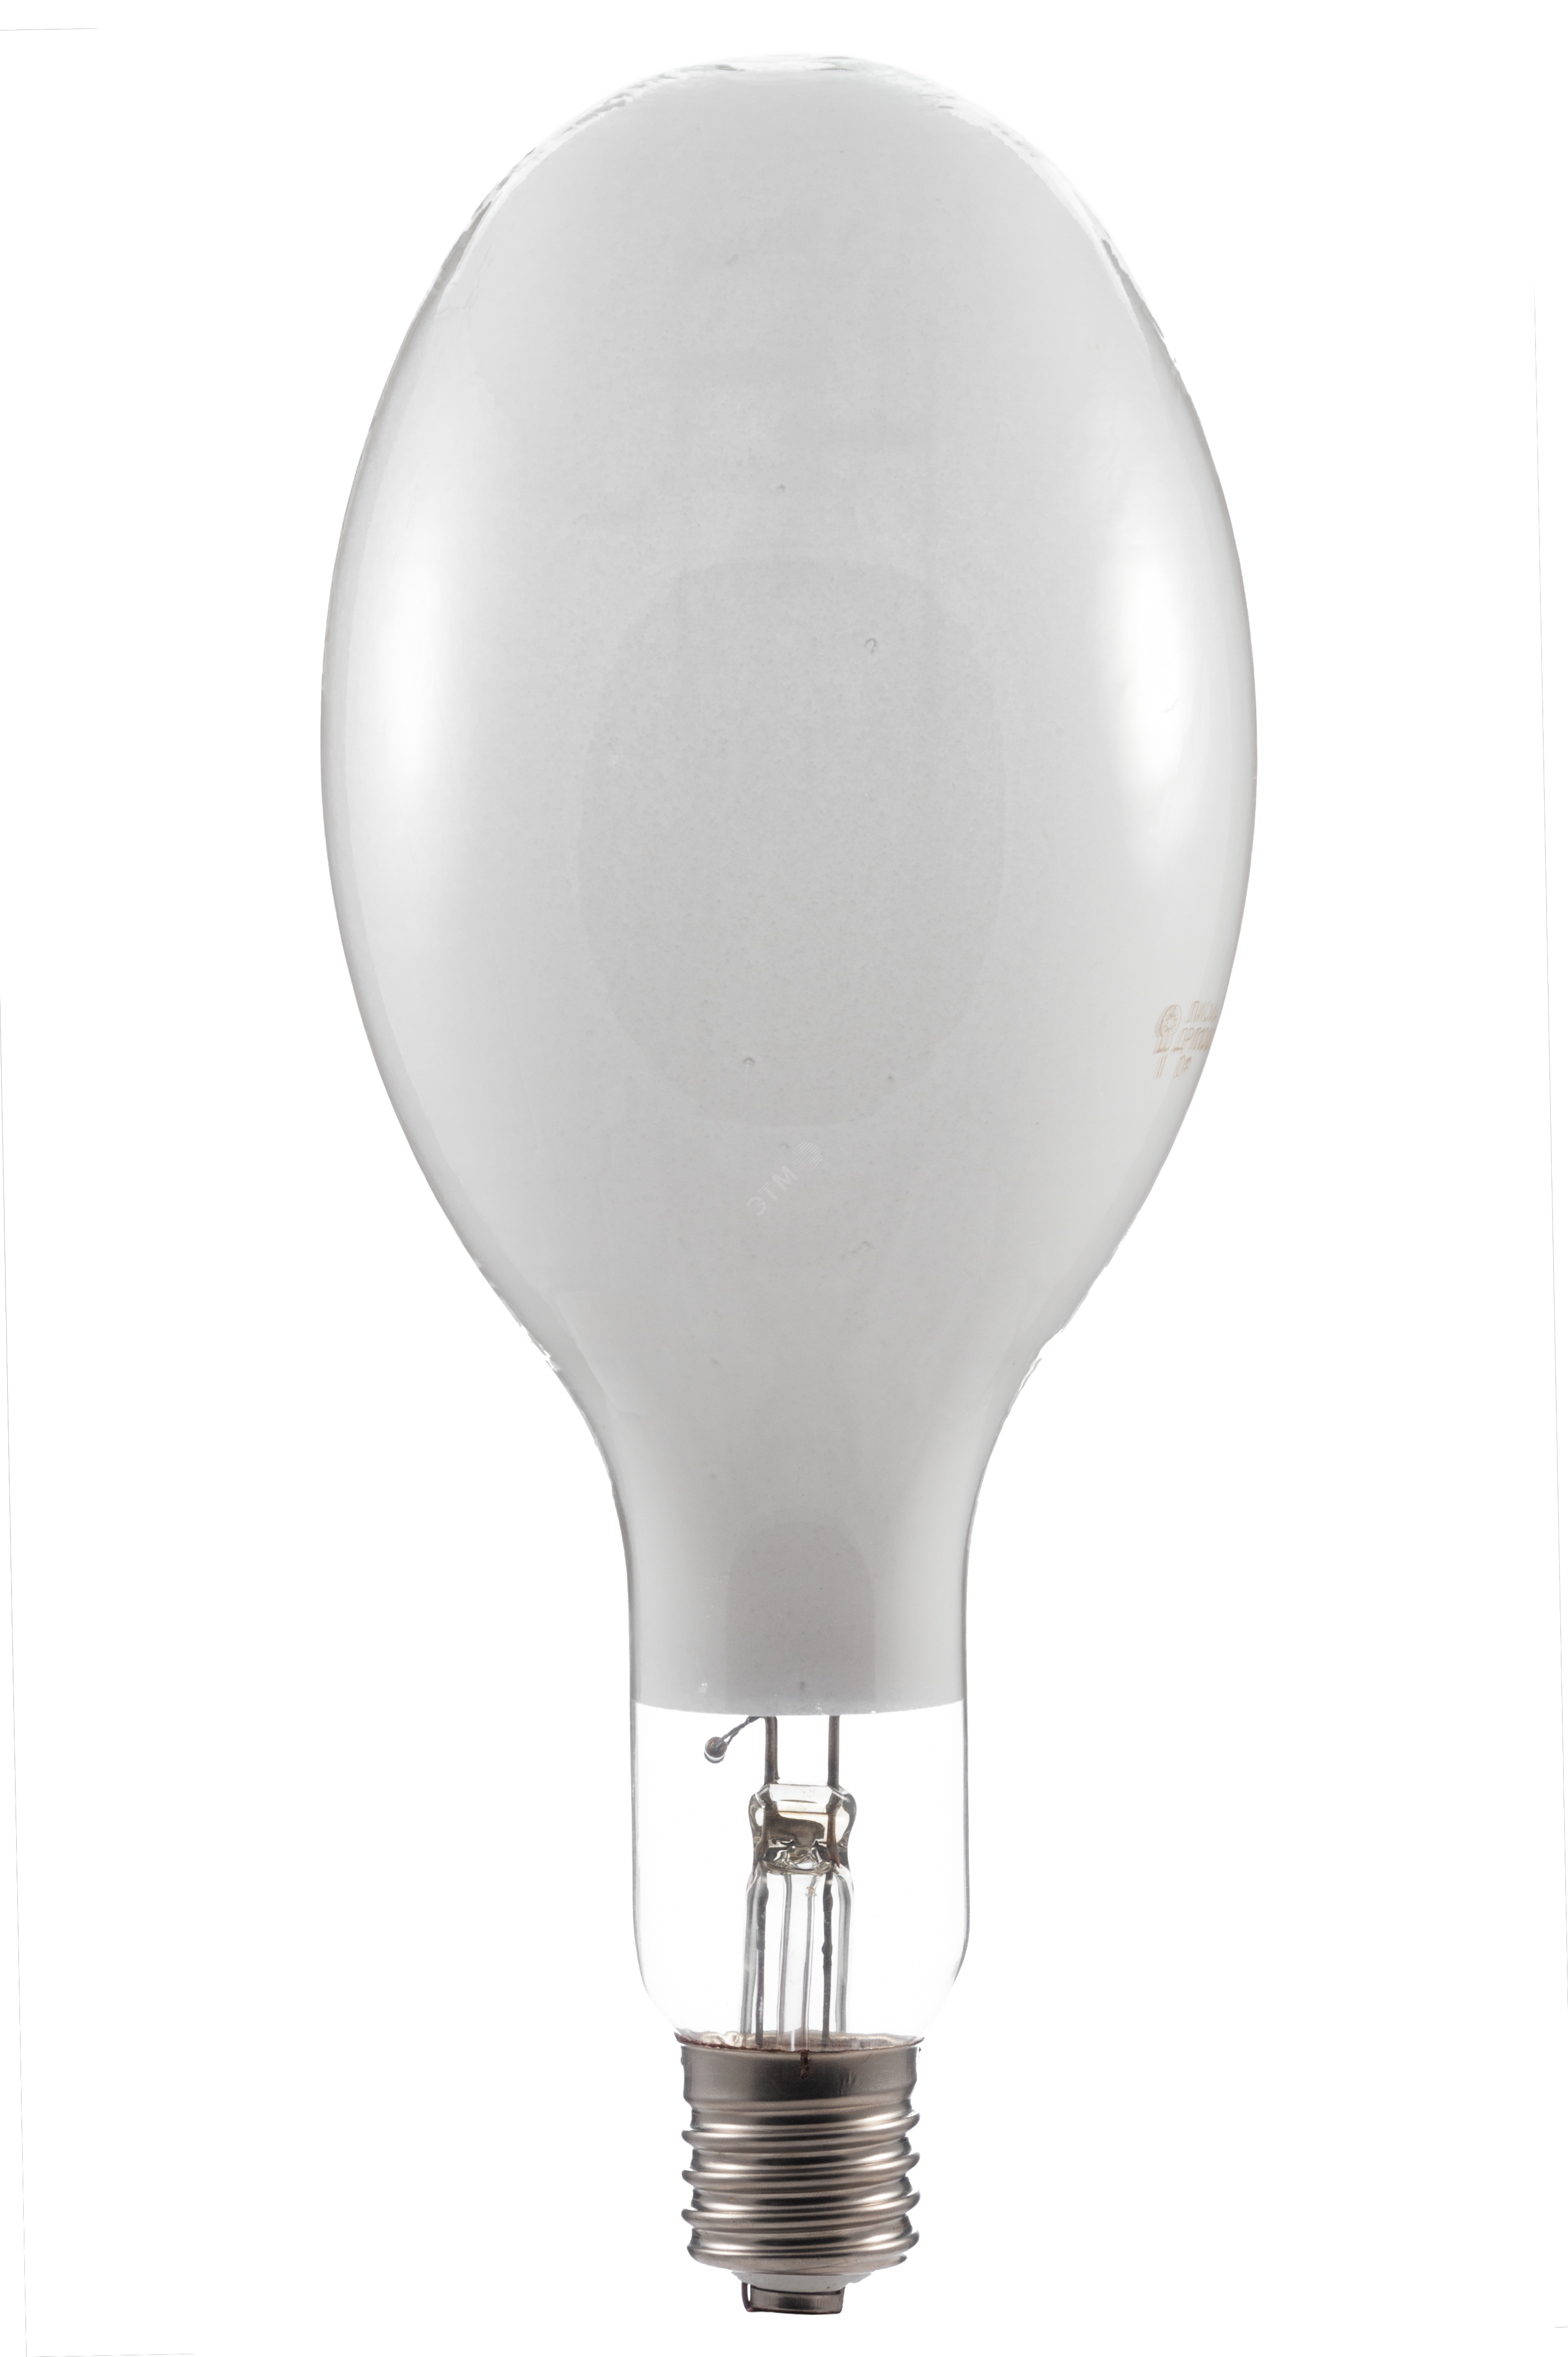 лампа дрл купить